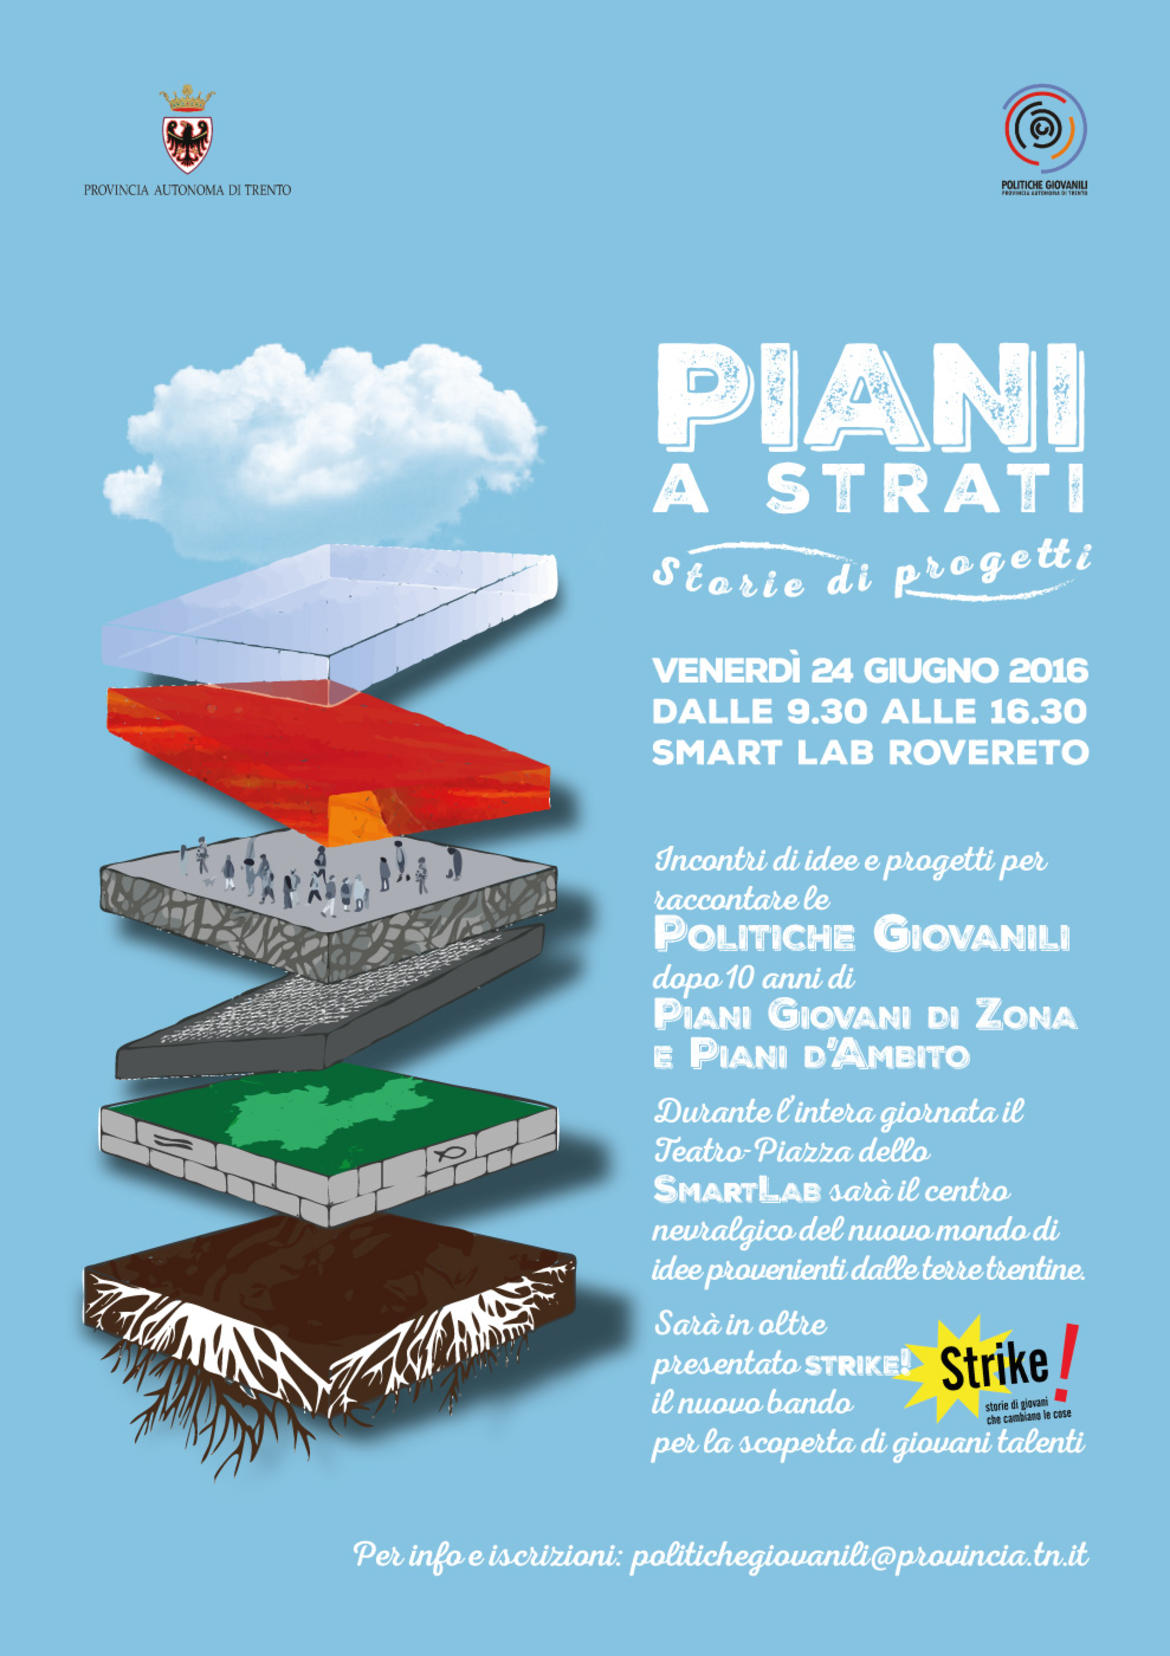 Piani a strati i piani giovani di zona e ambito for Piani di costruzione di storage rv